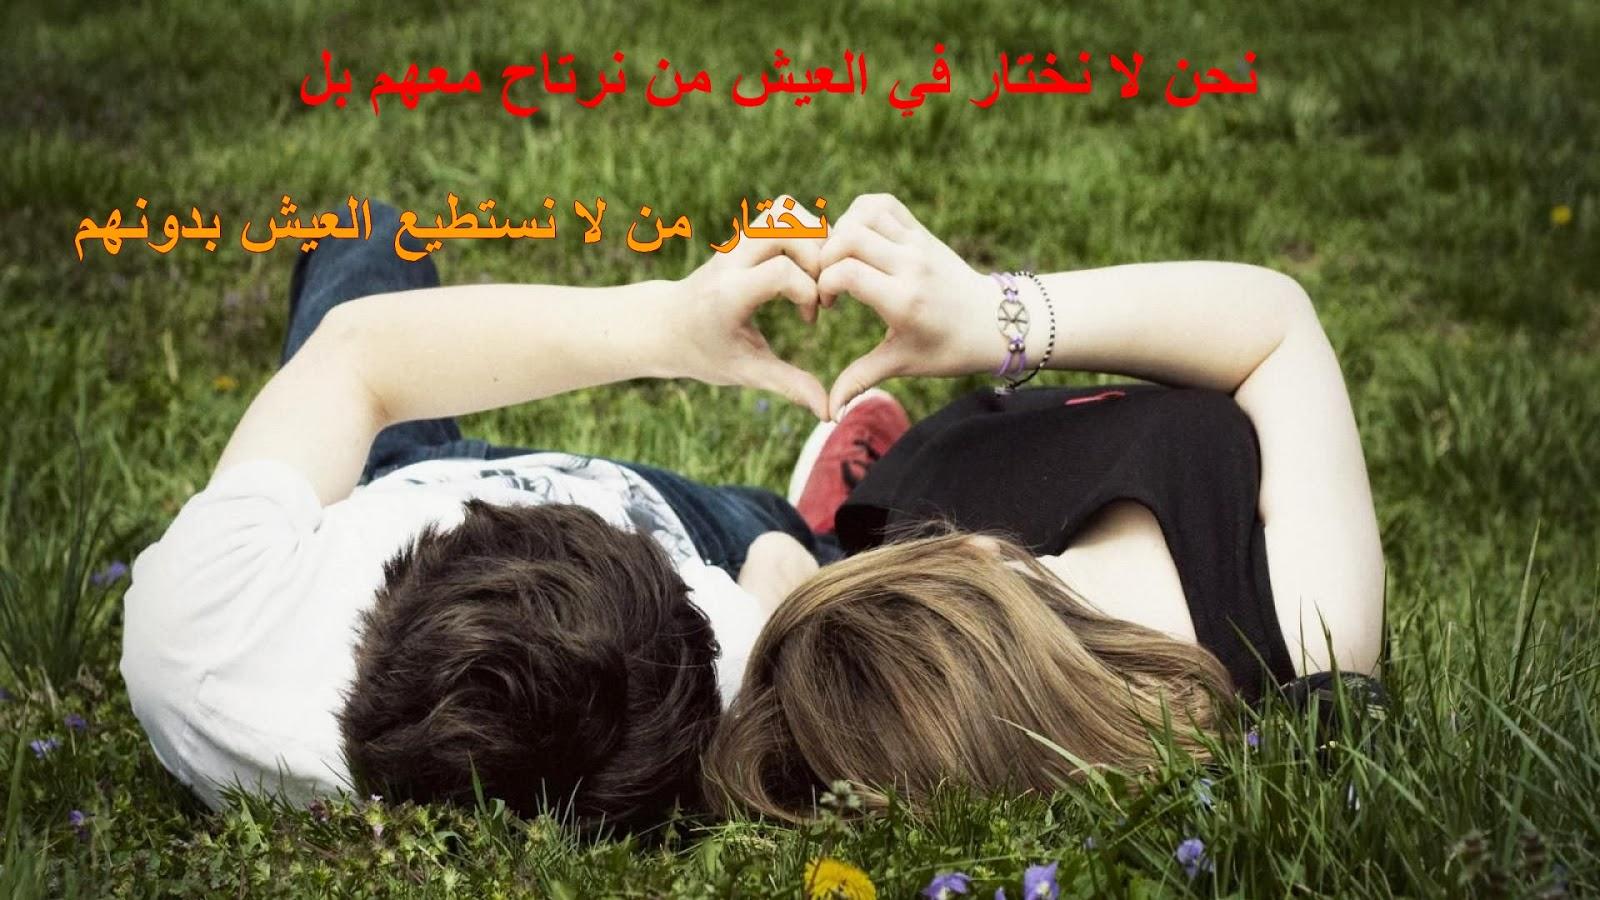 بالصور بوستات حب ورومانسية , اجمل بوستات حب ورومانسيه 5274 5